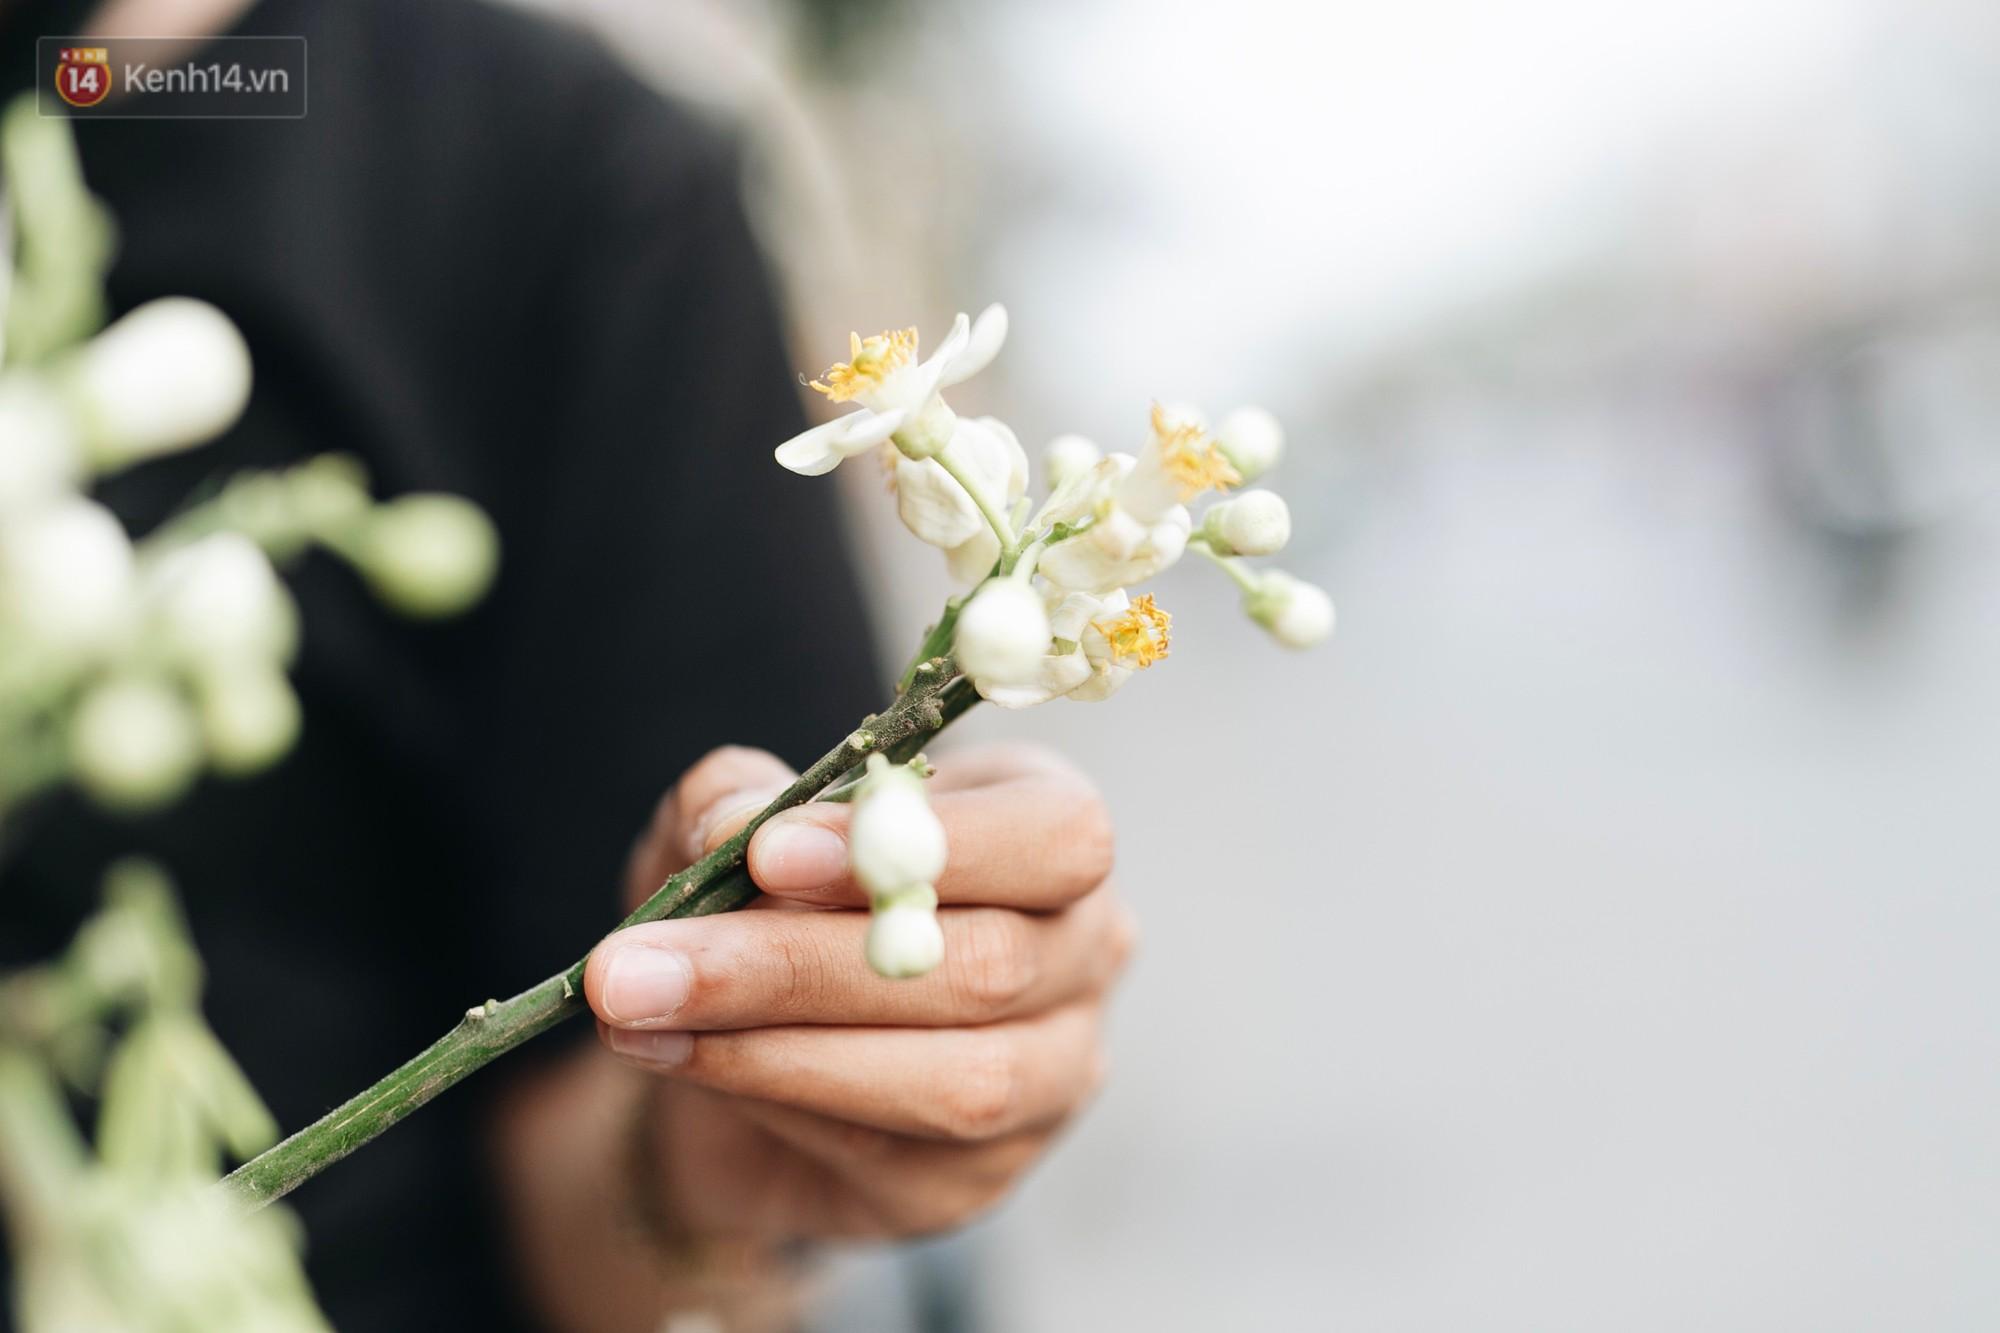 Hoa bưởi tháng 2 theo gió xuống phố Hà Nội, giá lên đến 300.000 đồng/kg vẫn cháy hàng - Ảnh 8.